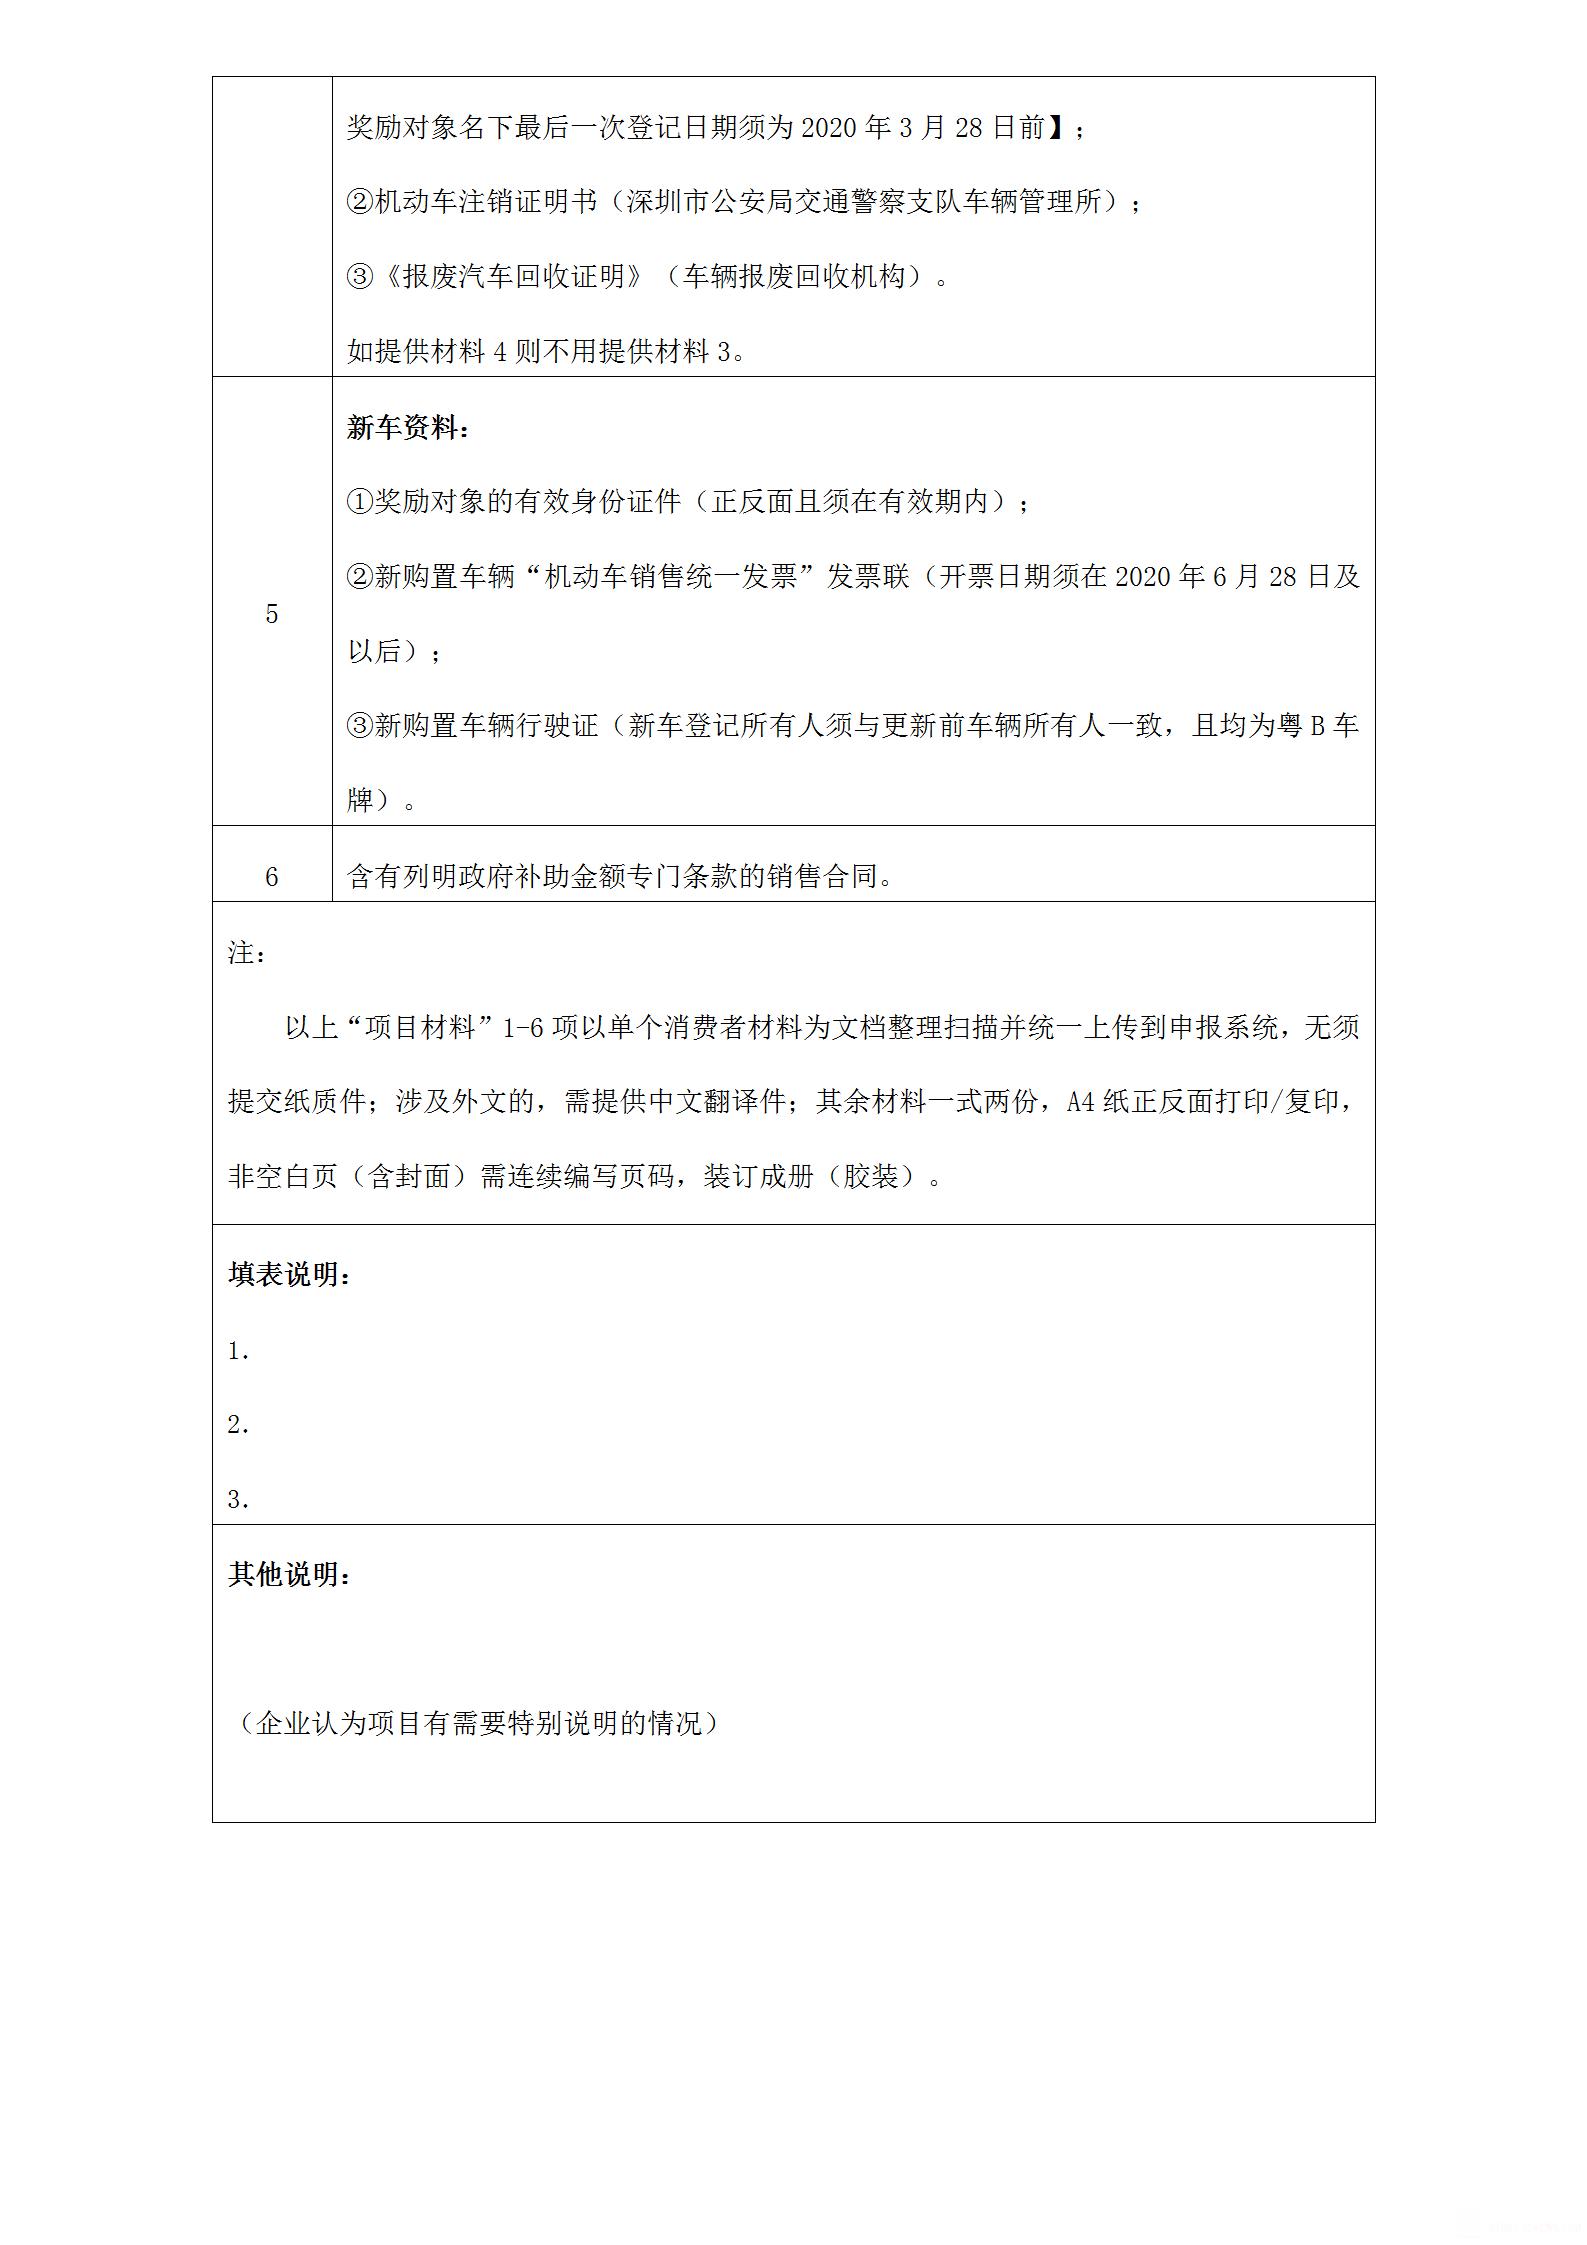 """深圳市2020年度""""以旧换新""""汽车购置奖励项目申请书_08.png"""